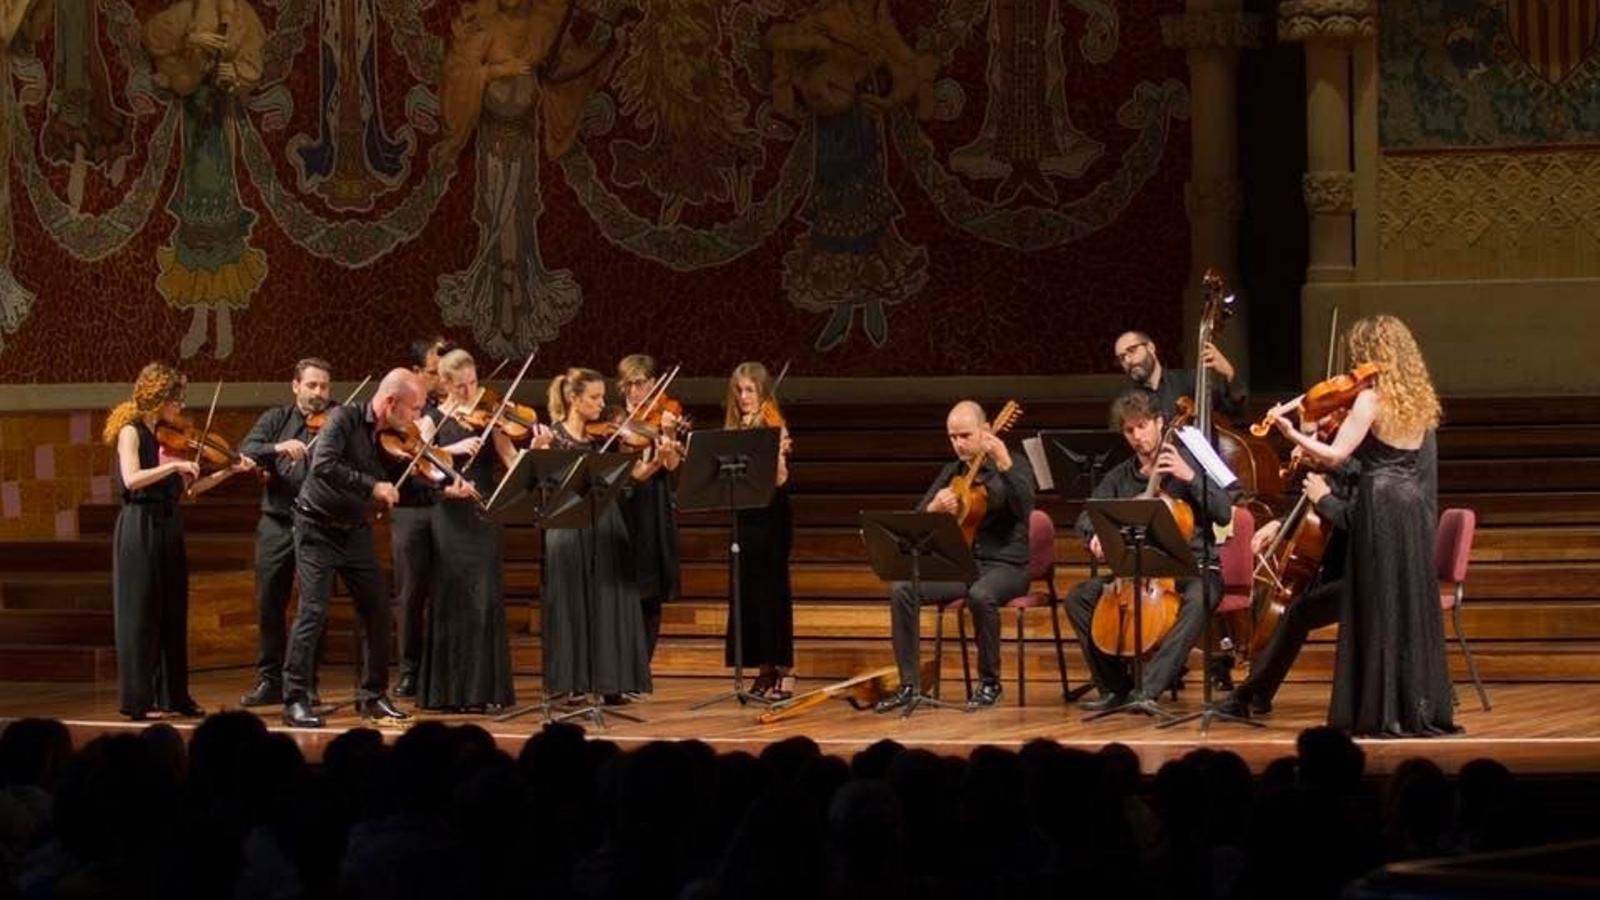 L'Orquestra Barroca de Barcelona en una actuació al Palau de la Música Catalana